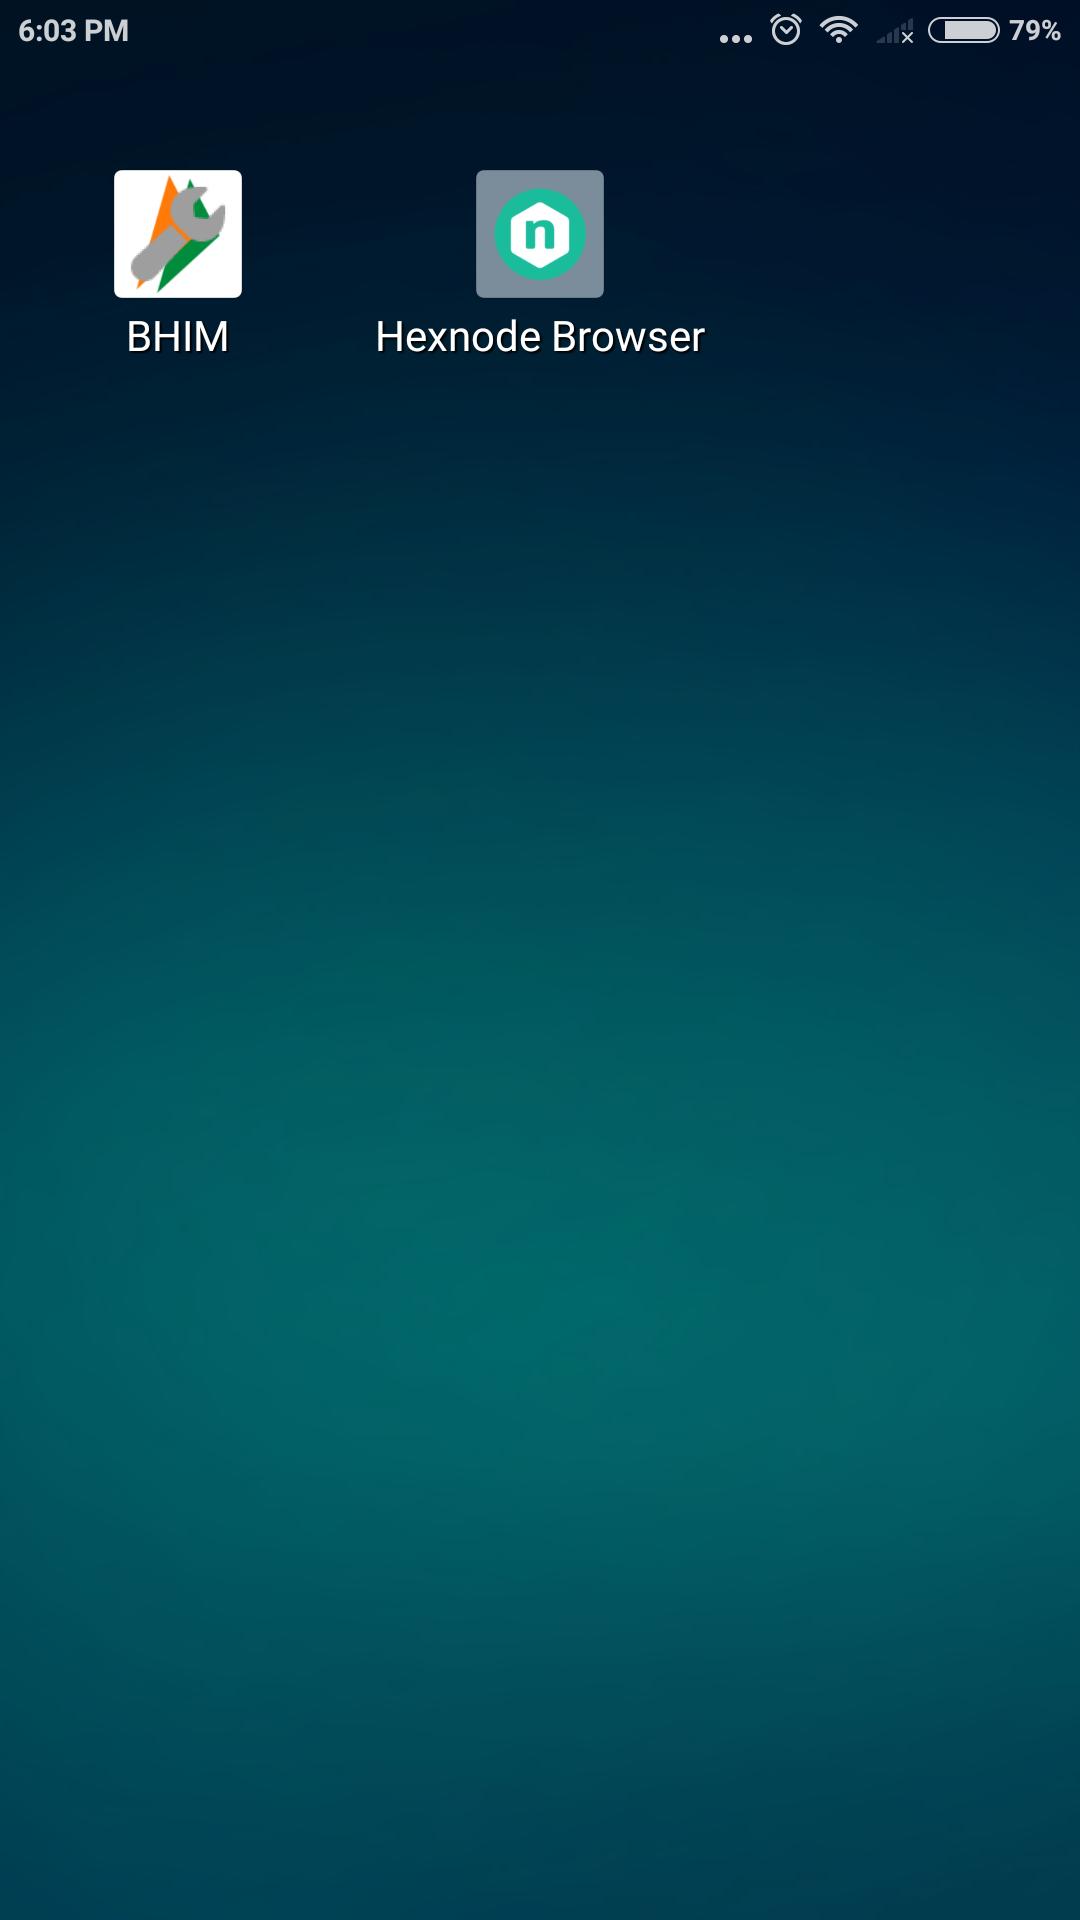 app icon change